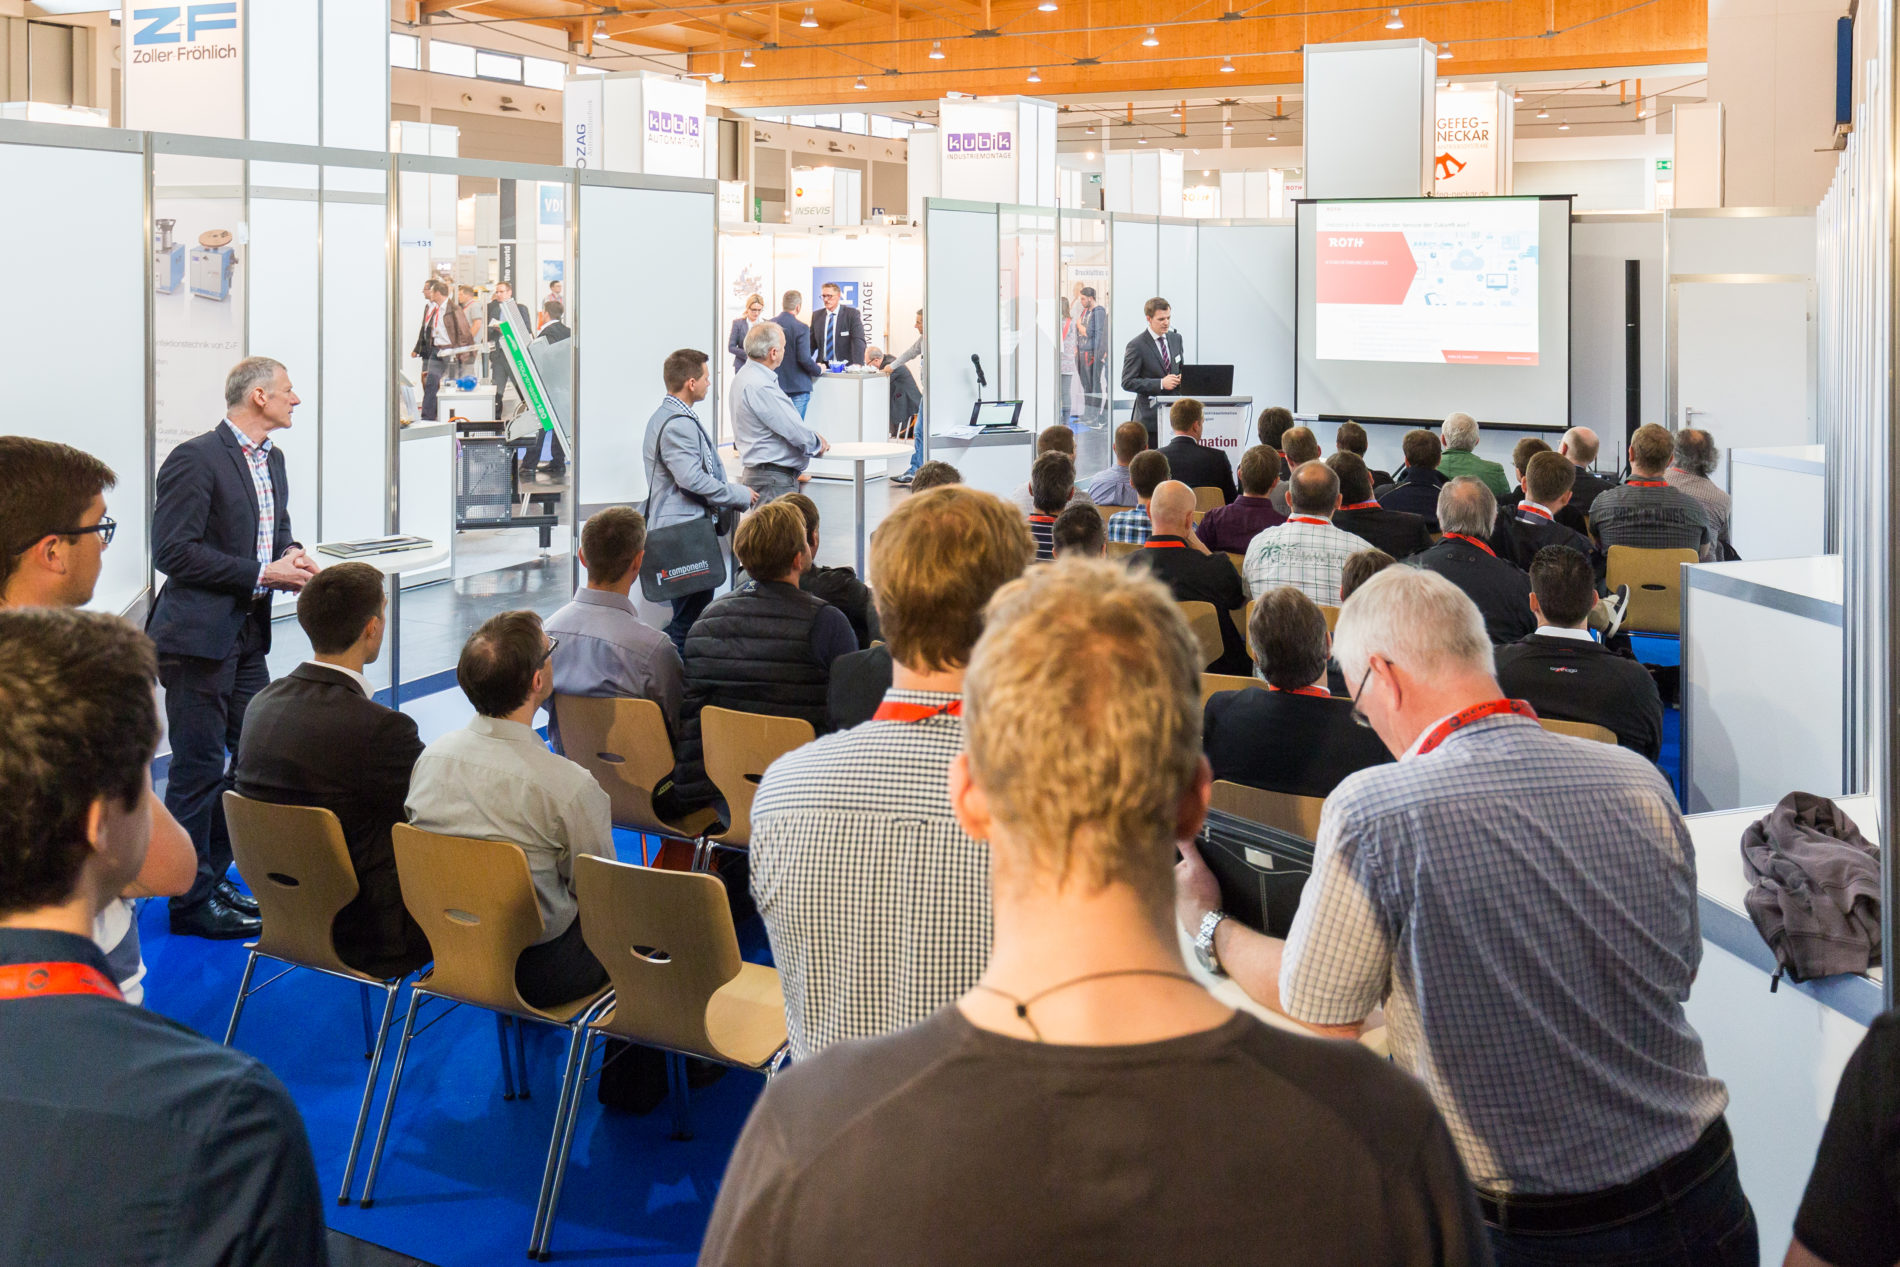 Roth Steuerungstechnik - 20. Juni 2016 - ROTH auf der all about automation in Friedrichshafen 2016